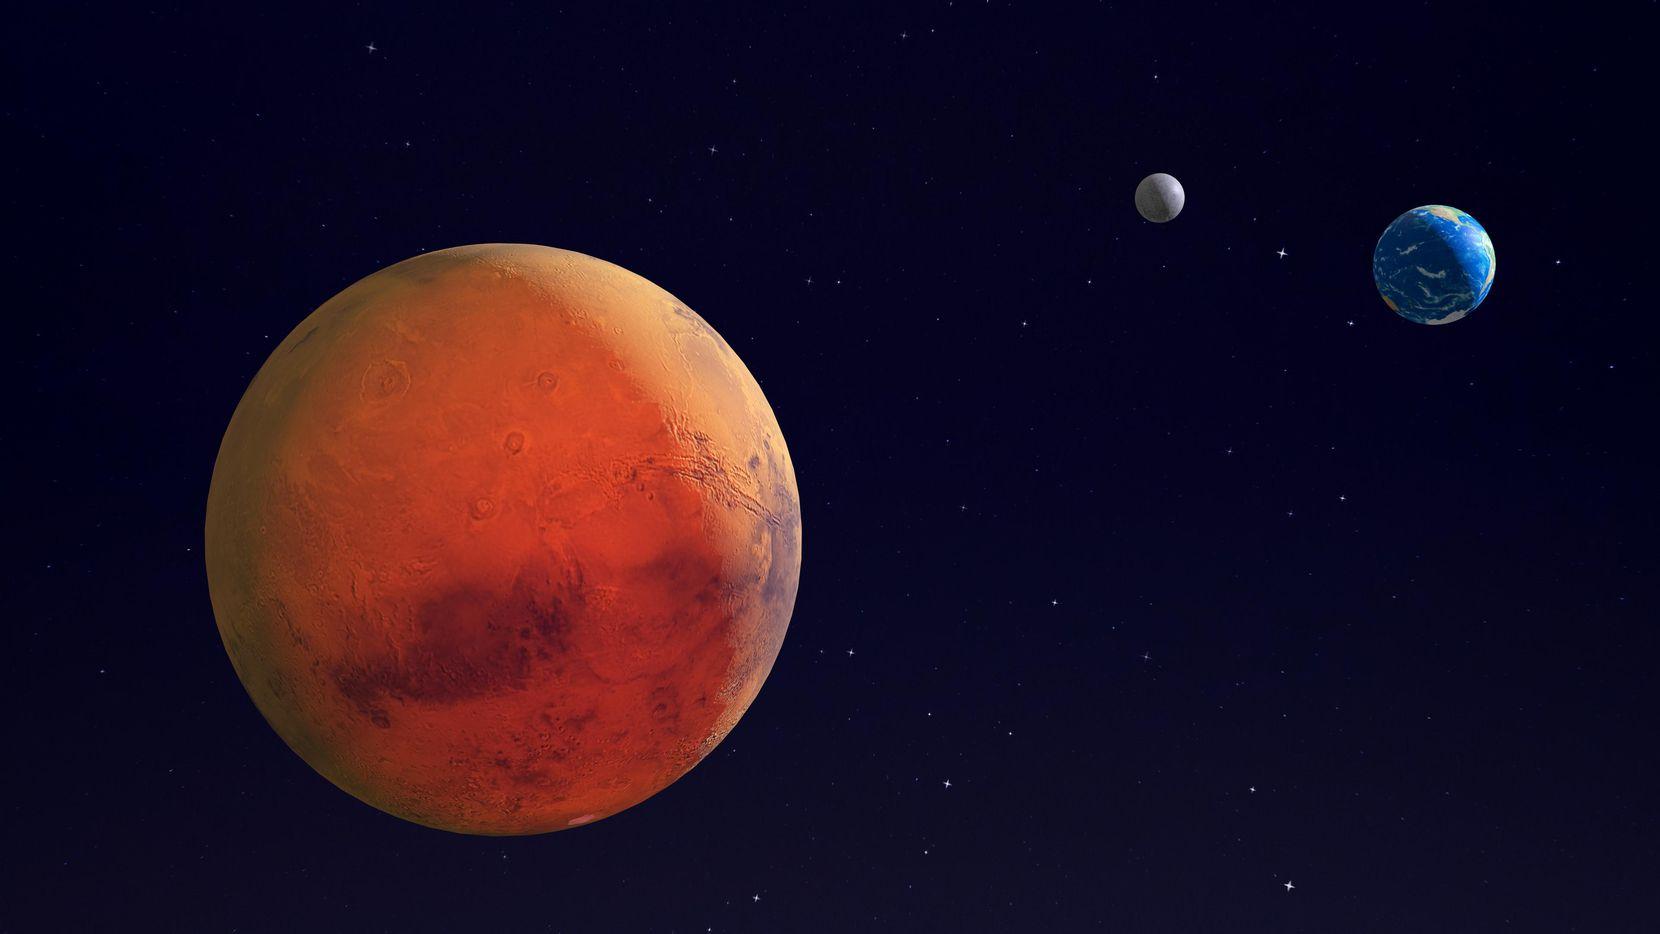 Imagen ilustrada proporcionada por NASA que muestra al planeta Marte, la tierra y la luna terrestre.(GETTY IMAGES)